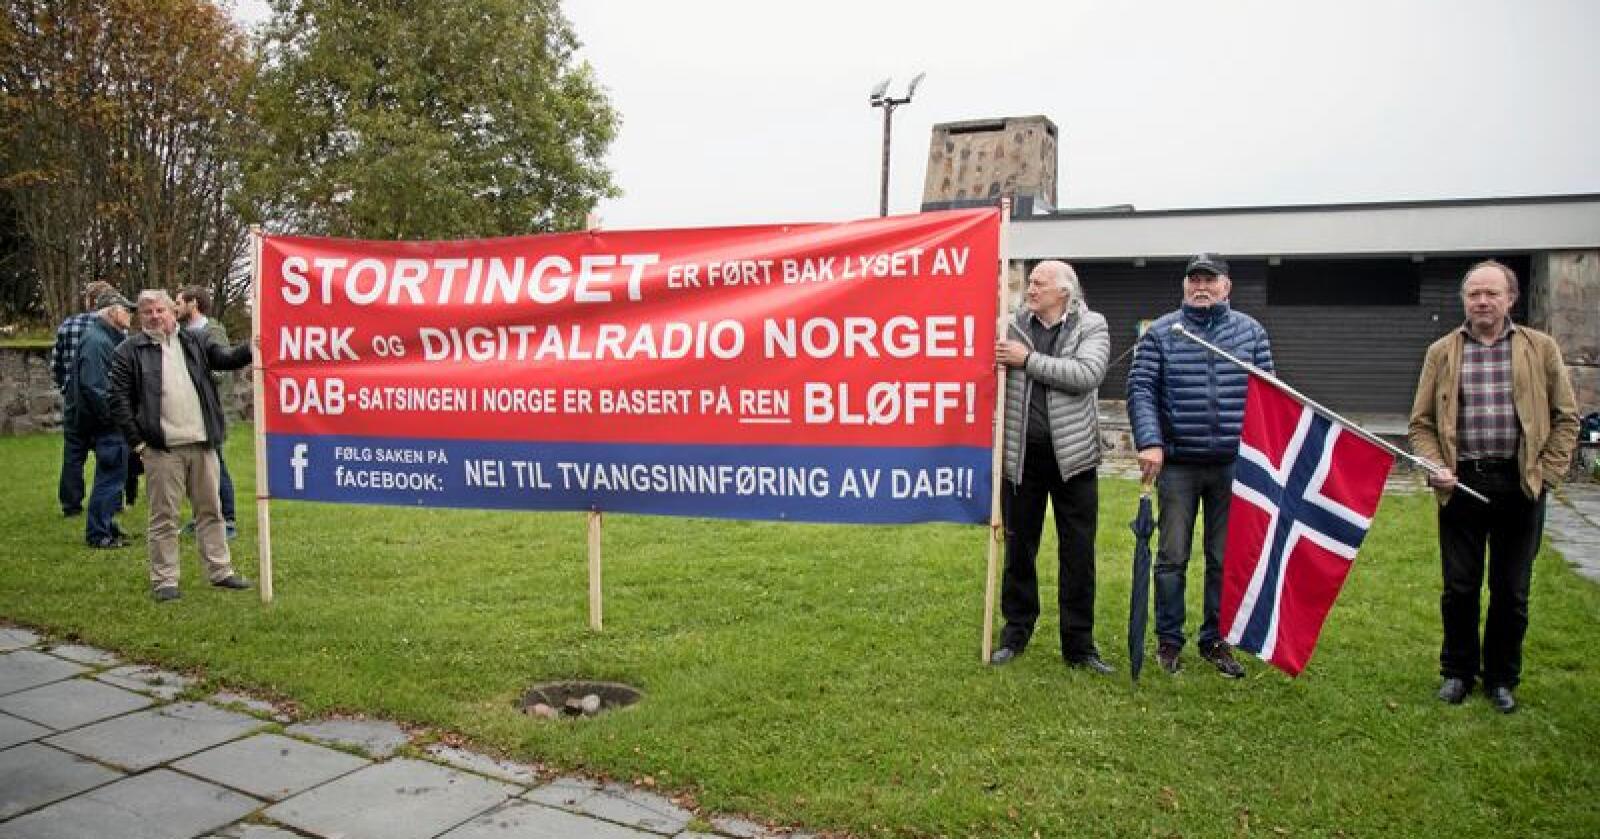 Mot dab: Motstandere av slukking av FM-nettet demonstrerer utenfor Tryvannstårnet i 2017. Foto: Heiko Junge / NTB scanpix